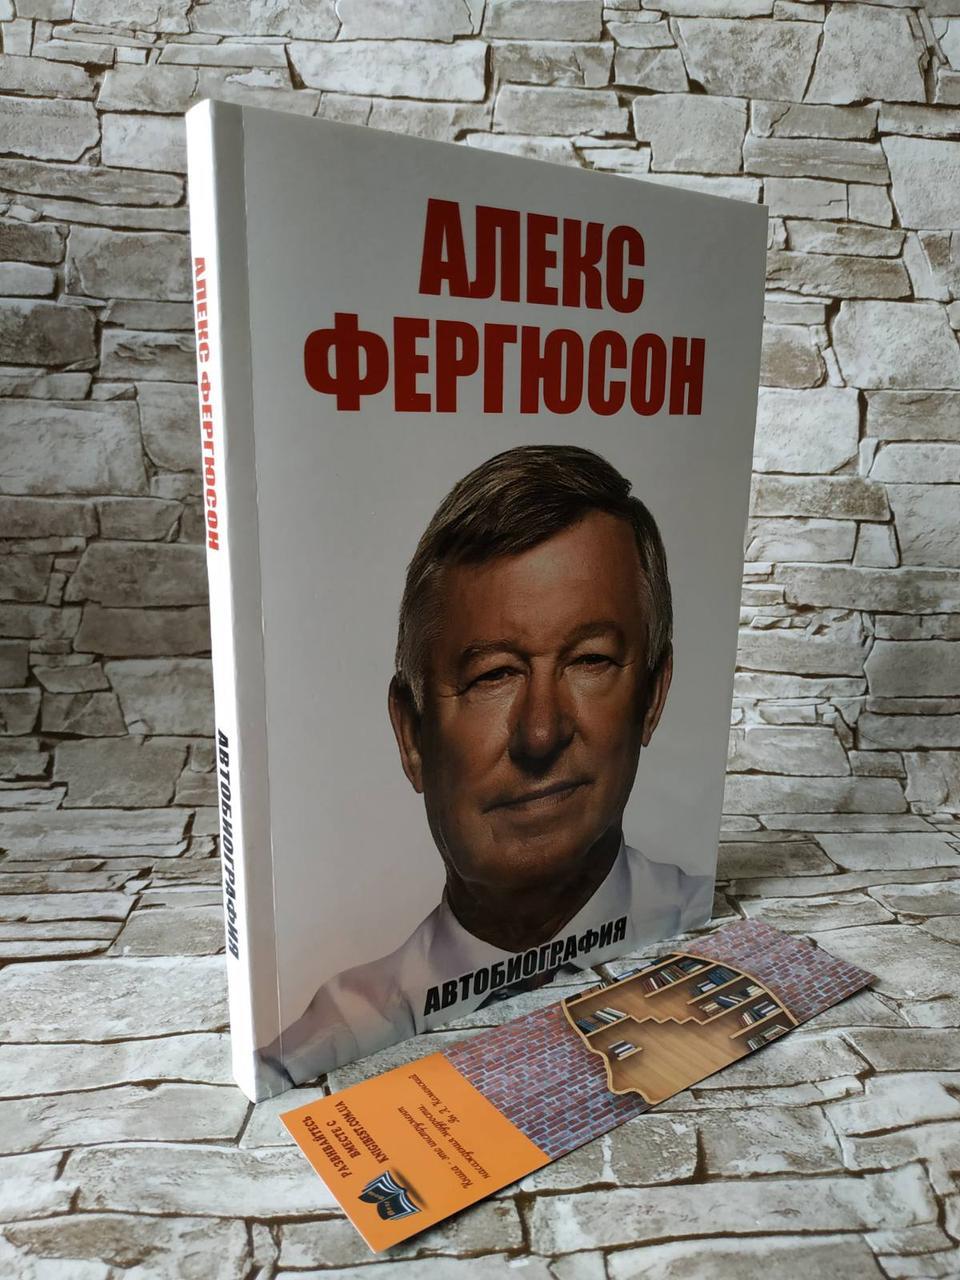 """Книга """"Автобіографія"""" Алекс Фергюсон, великий формат"""